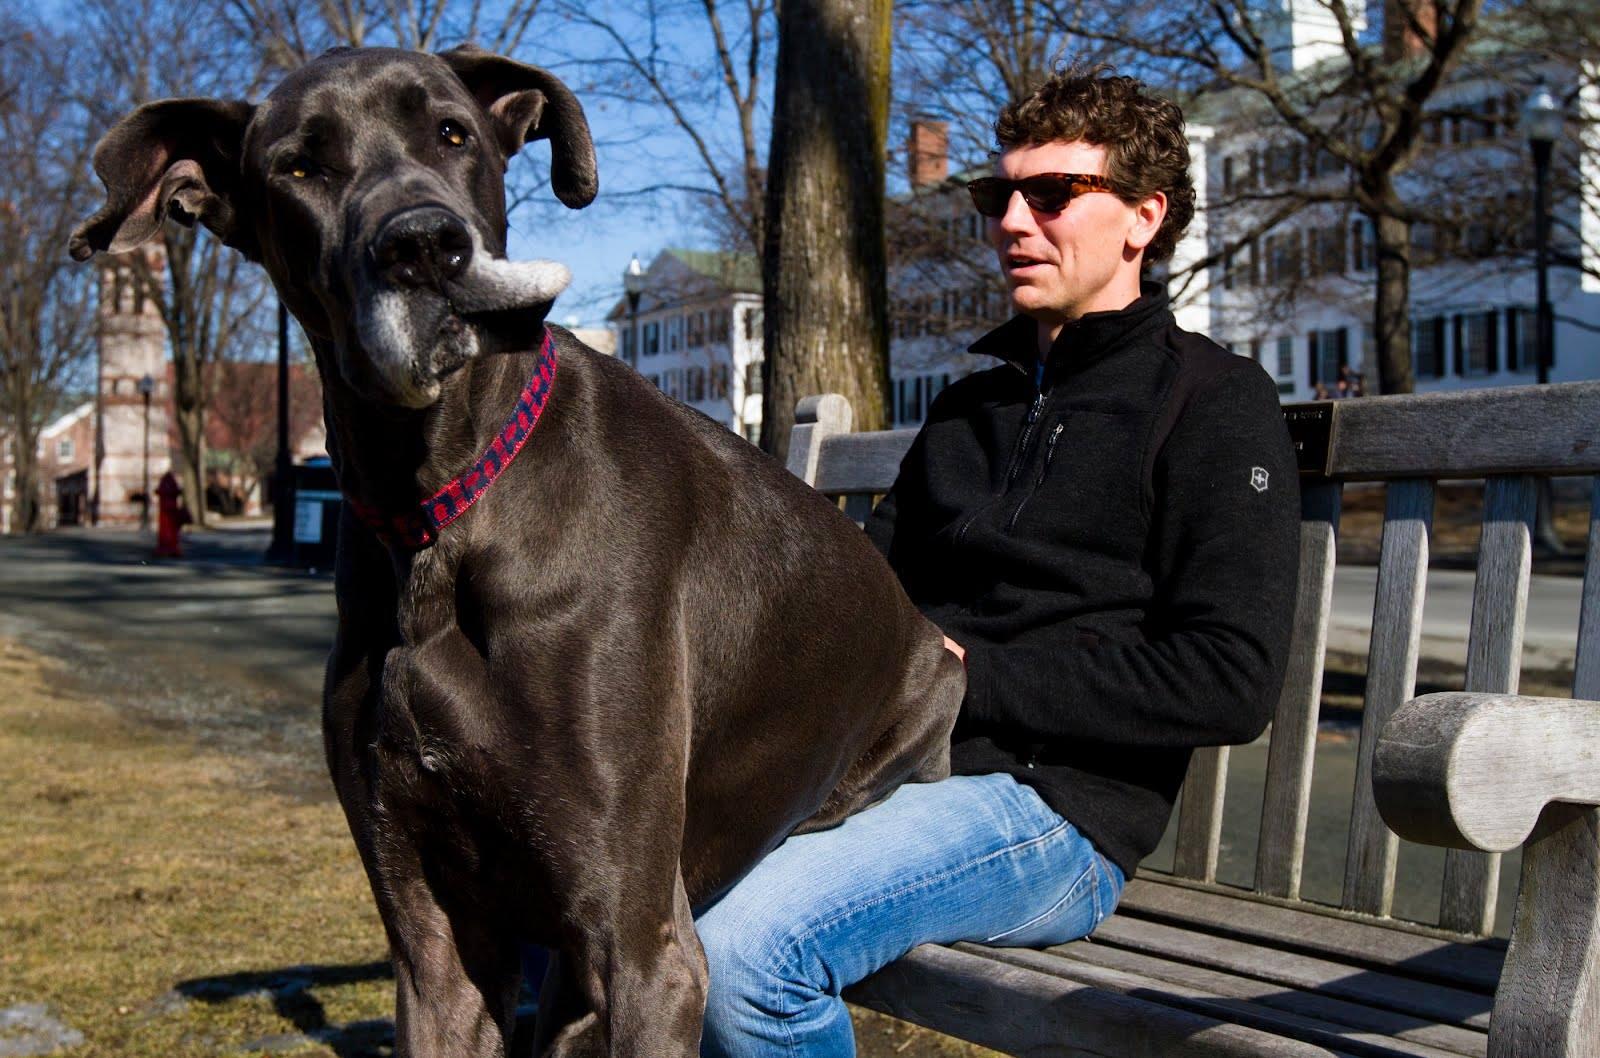 عکس سگ های وحشی بزرگ | تصاویر بزرگترین سگ دنیا | اندازه بزرگترین سگ جهان | عکسهای عجیب از بزرگترین سگ ها | قوی ترین نژاد سگ | عکس سگ های خانگی بزرگ | biggest dog